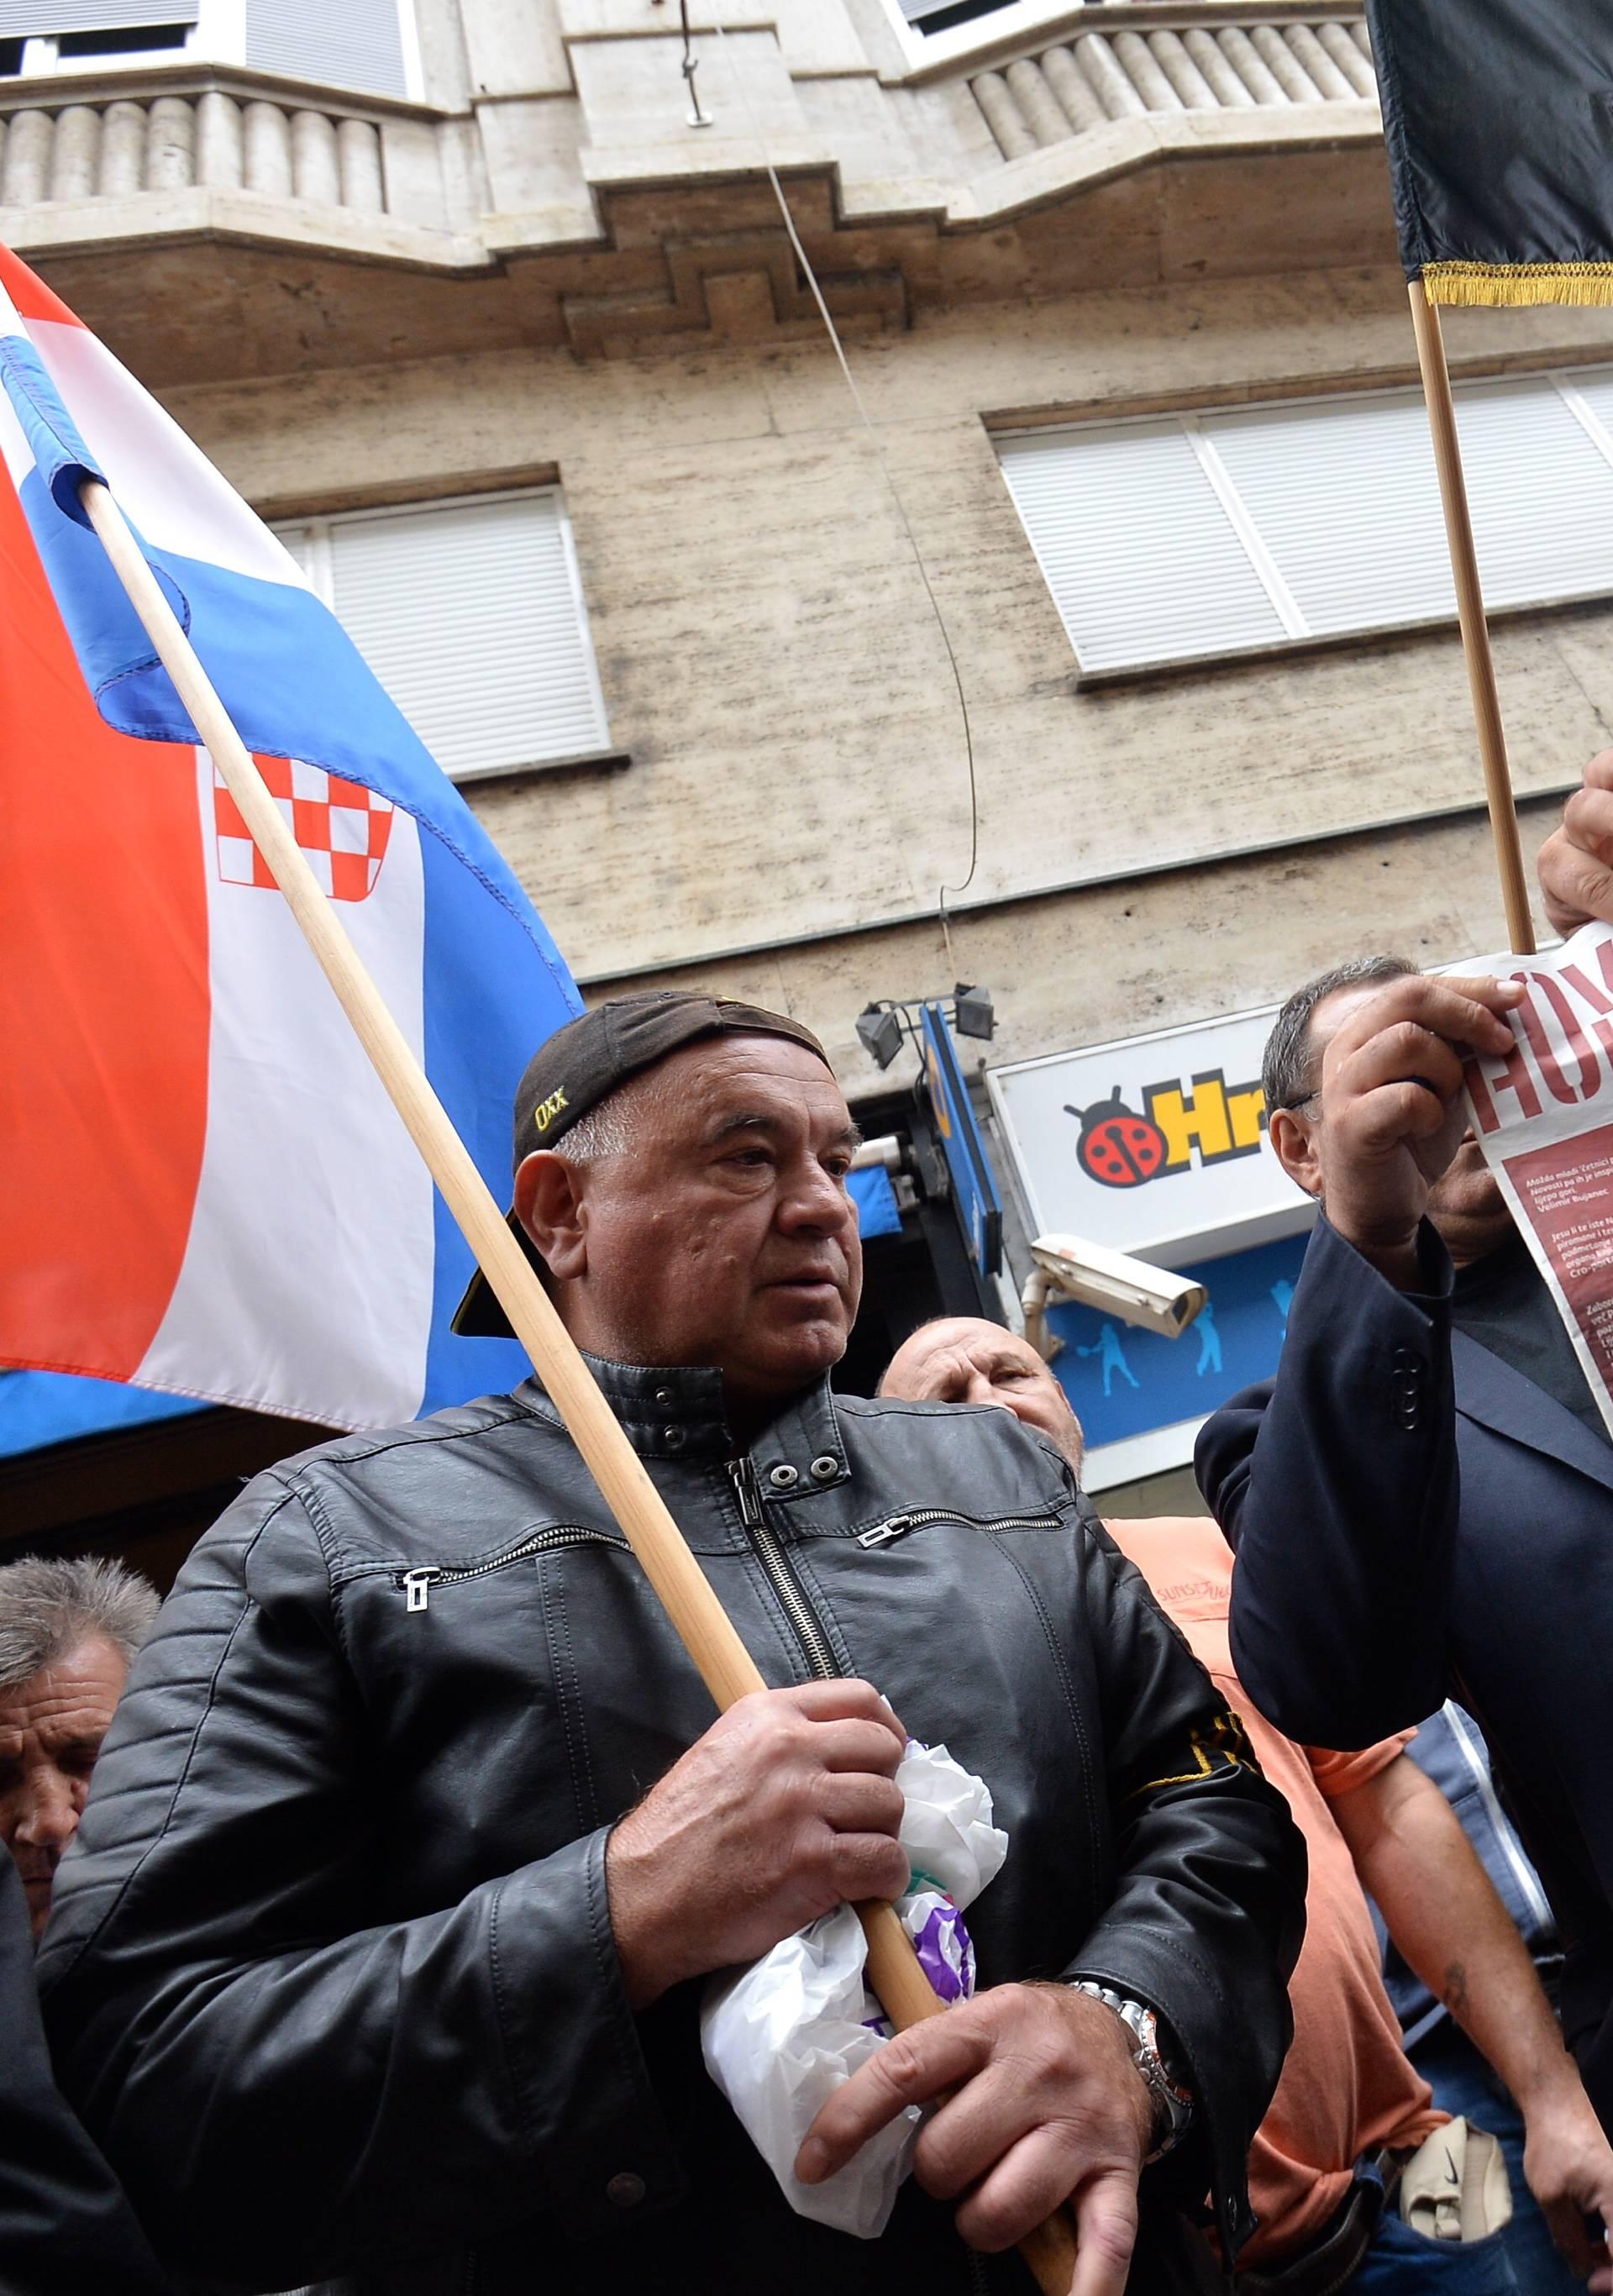 Tomašić šokirala: Ako je netko kupio Novosti, može ih i spaliti